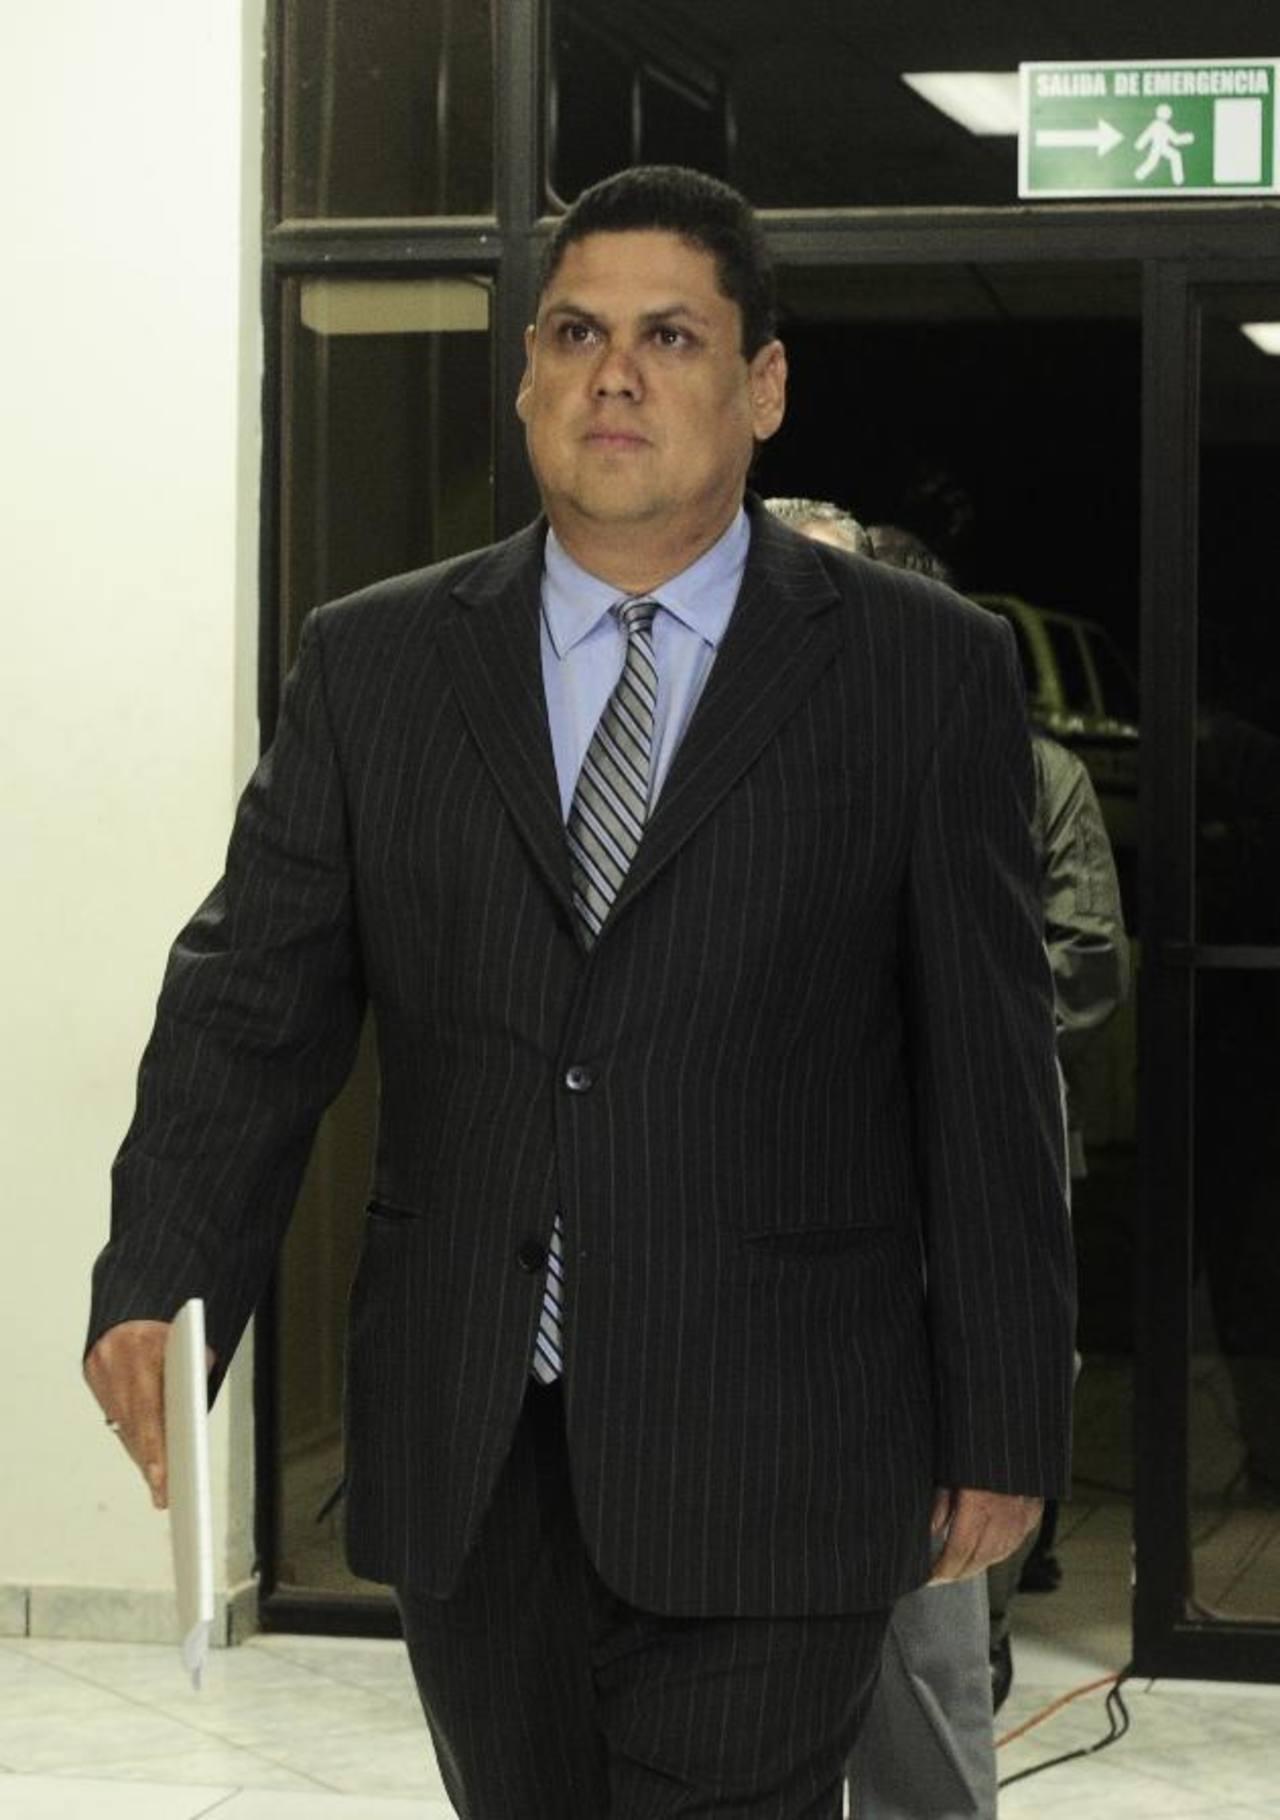 Carlos Méndez Cabezas, presidente de la Fesfut, siguió el mismo patrón de los jugadores y habló para un medio foráneo.